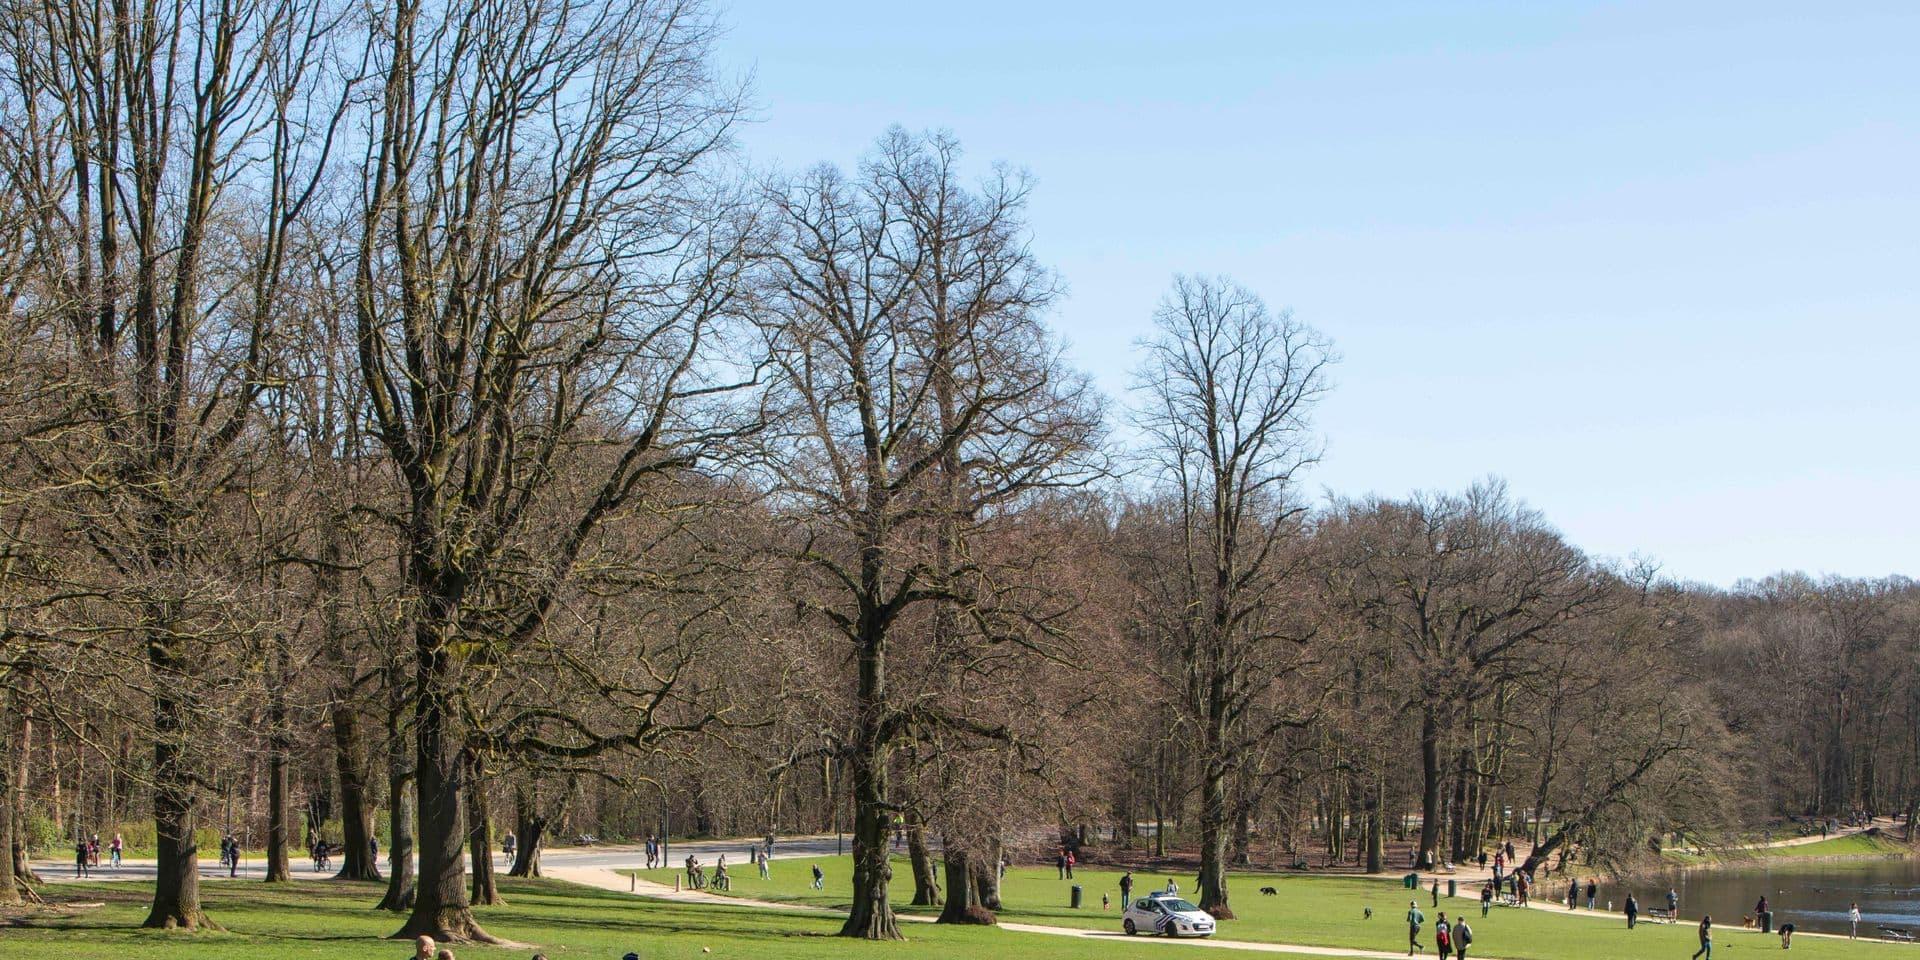 Des centaines de cyclistes réunis au Bois de la Cambre pour davantage d'assouplissements